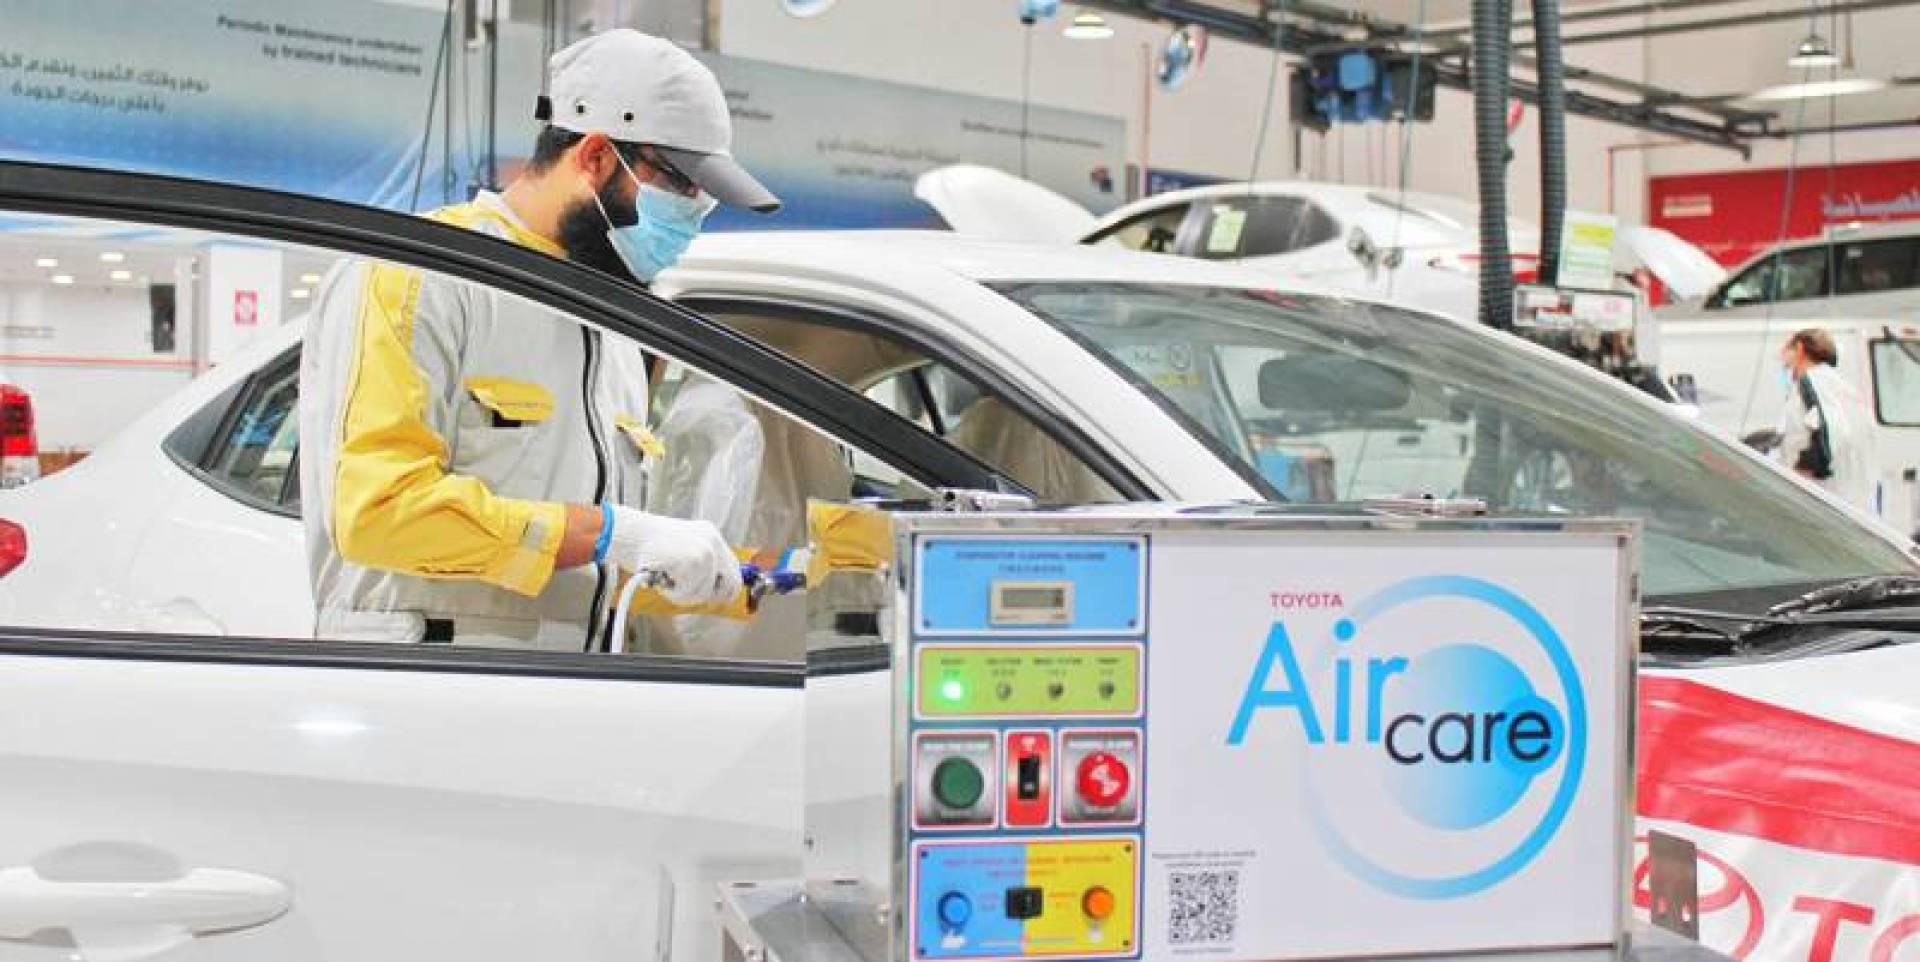 خدمة وتقنية Air Care الرائدة من «تويوتا الساير»